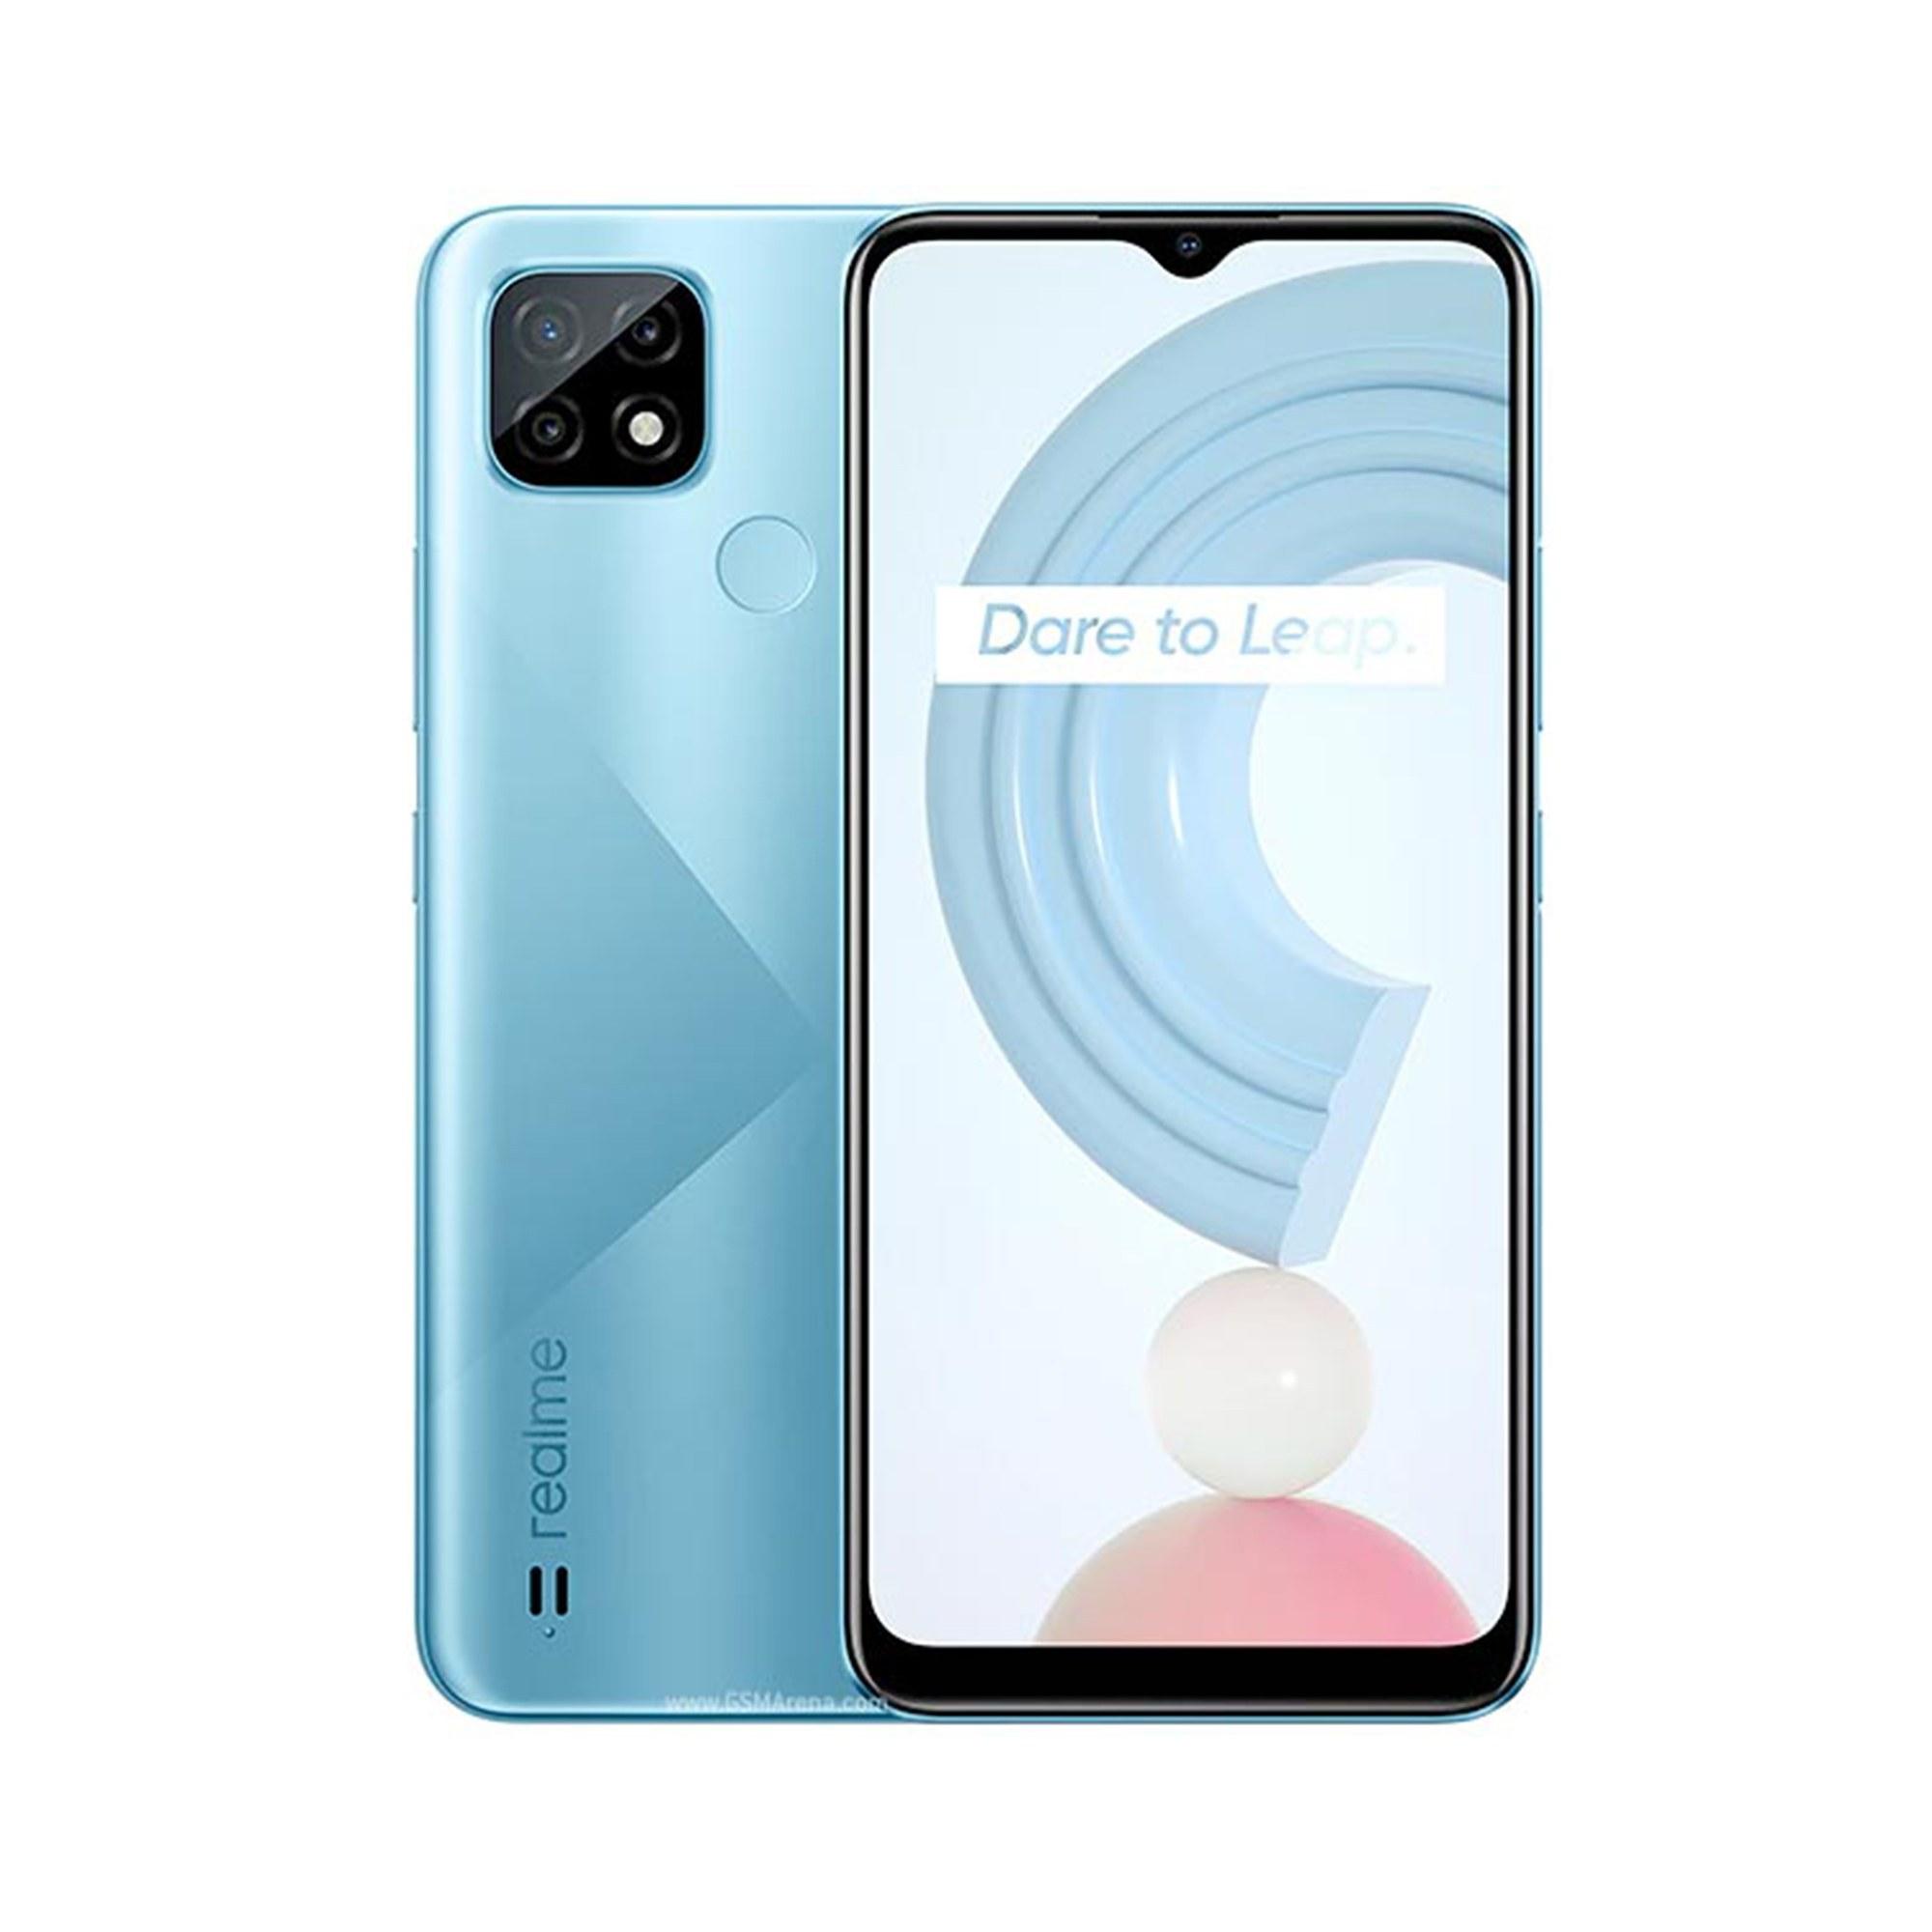 تصویر Realme C11 2021 RMX3231 32/2G – گوشی موبایل ریلمی مدل سی 11 دو سیم کارت ظرفیت 32/2 گیگابایت